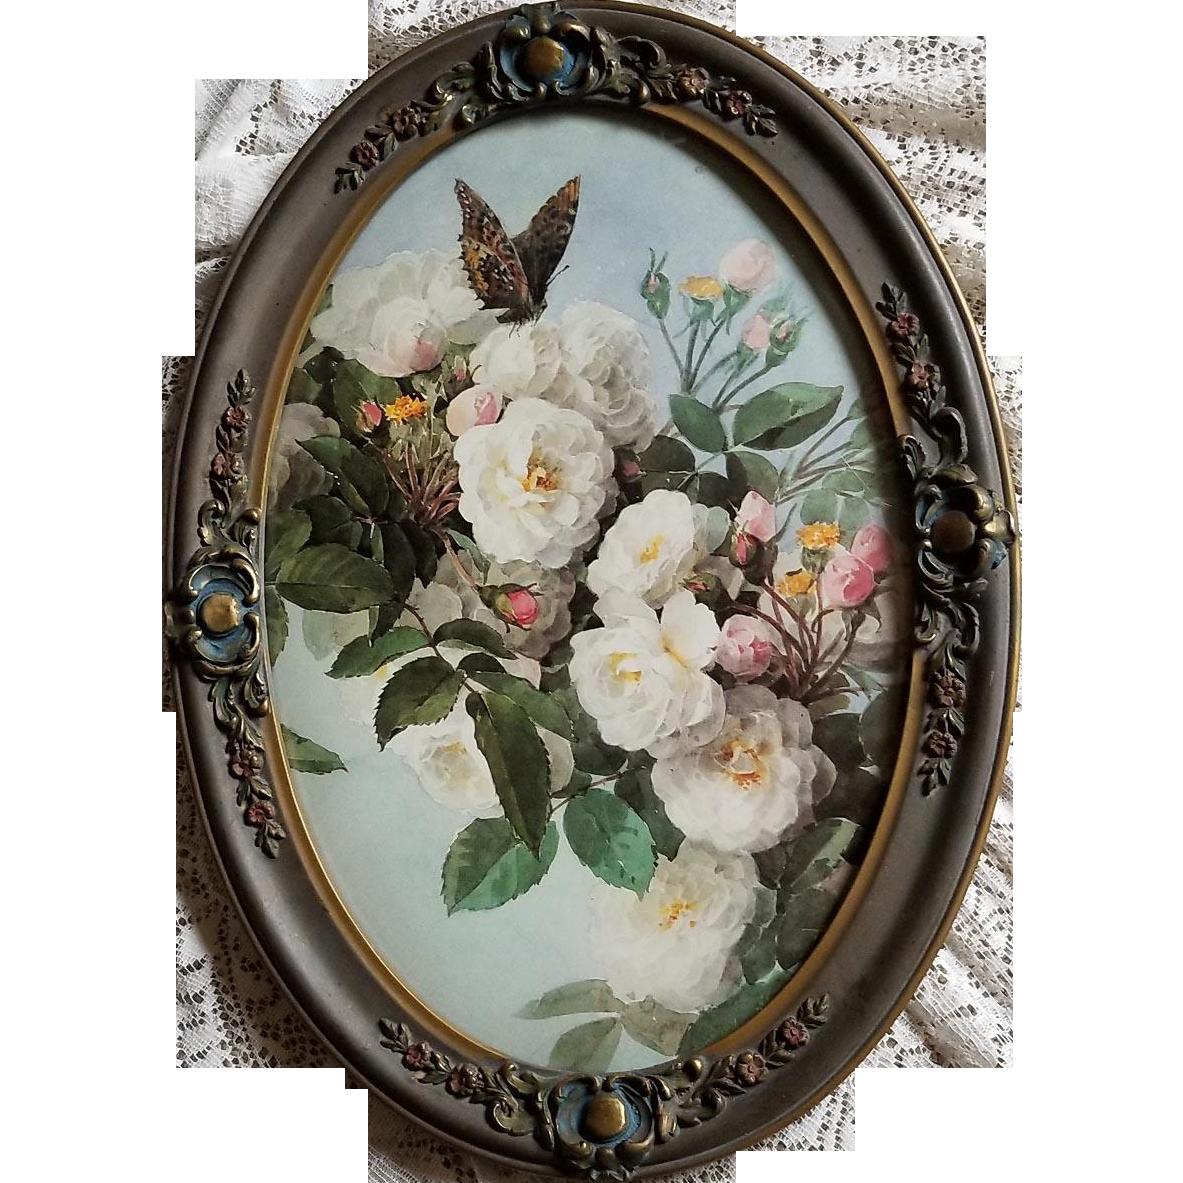 Paul de Longpre Bride Roses Butterfly Print Antique Barbola Frame Convex Bubble Glass Large